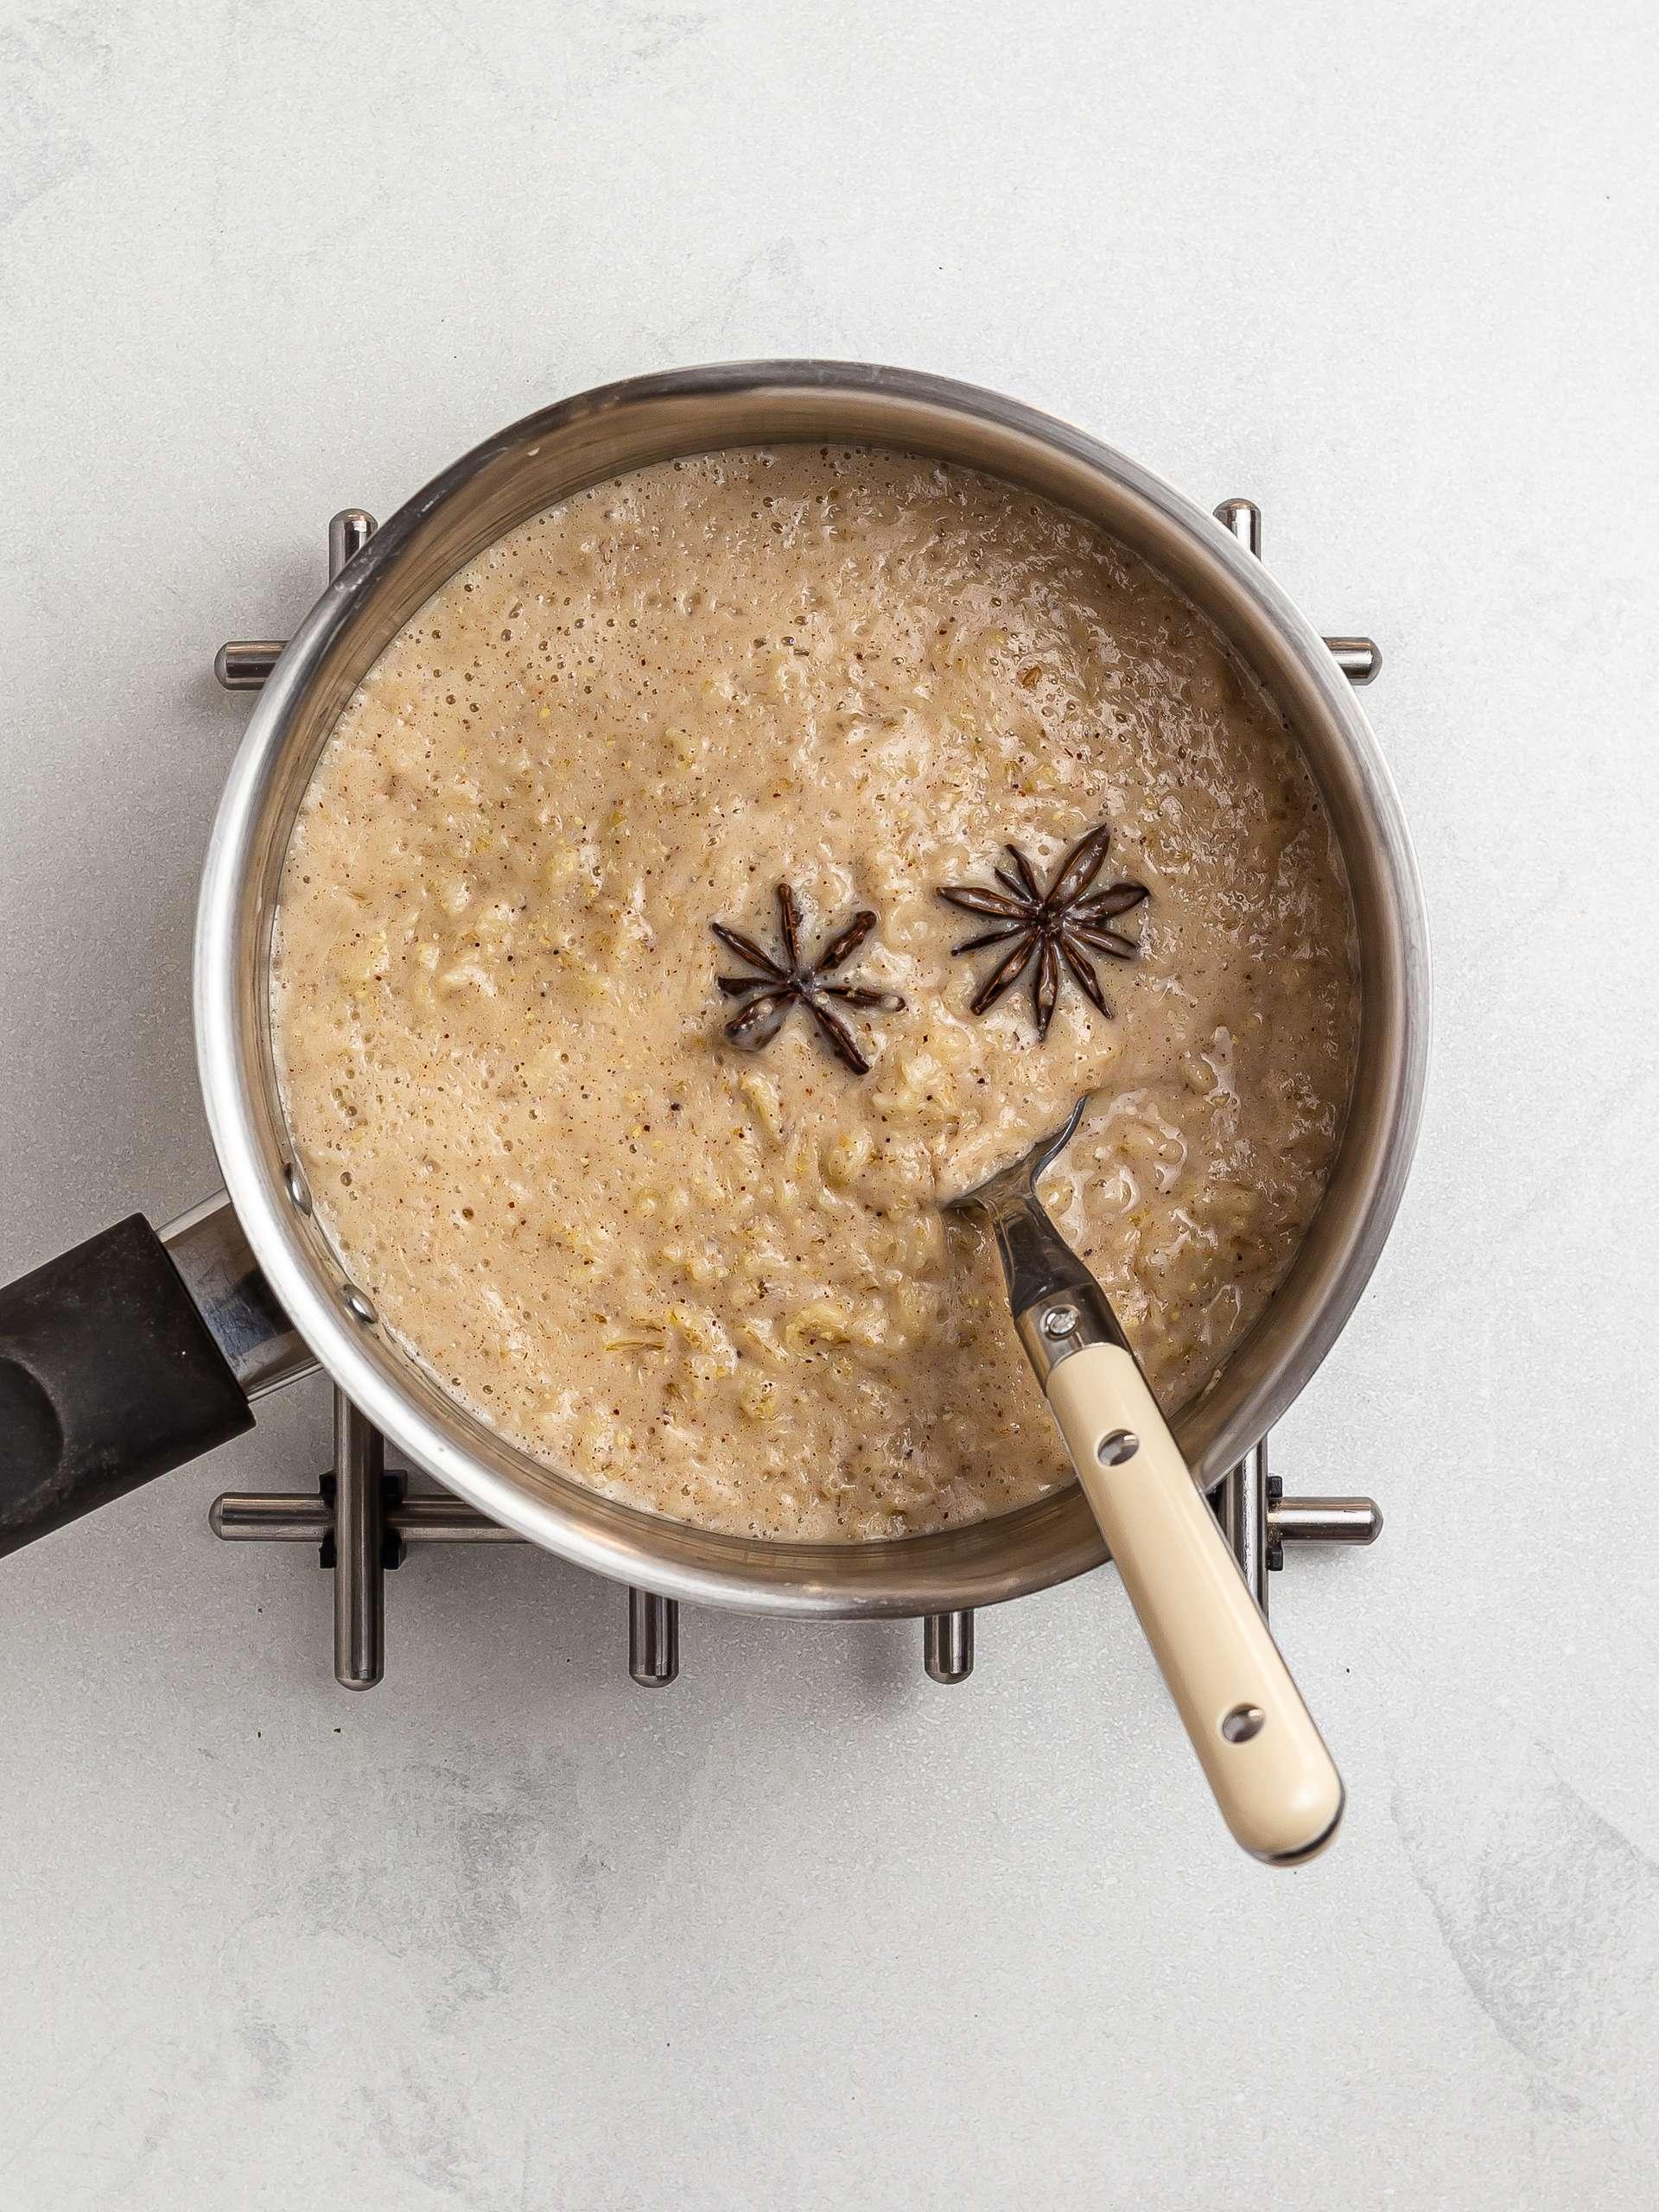 haitian coconut oatmeal with star anise